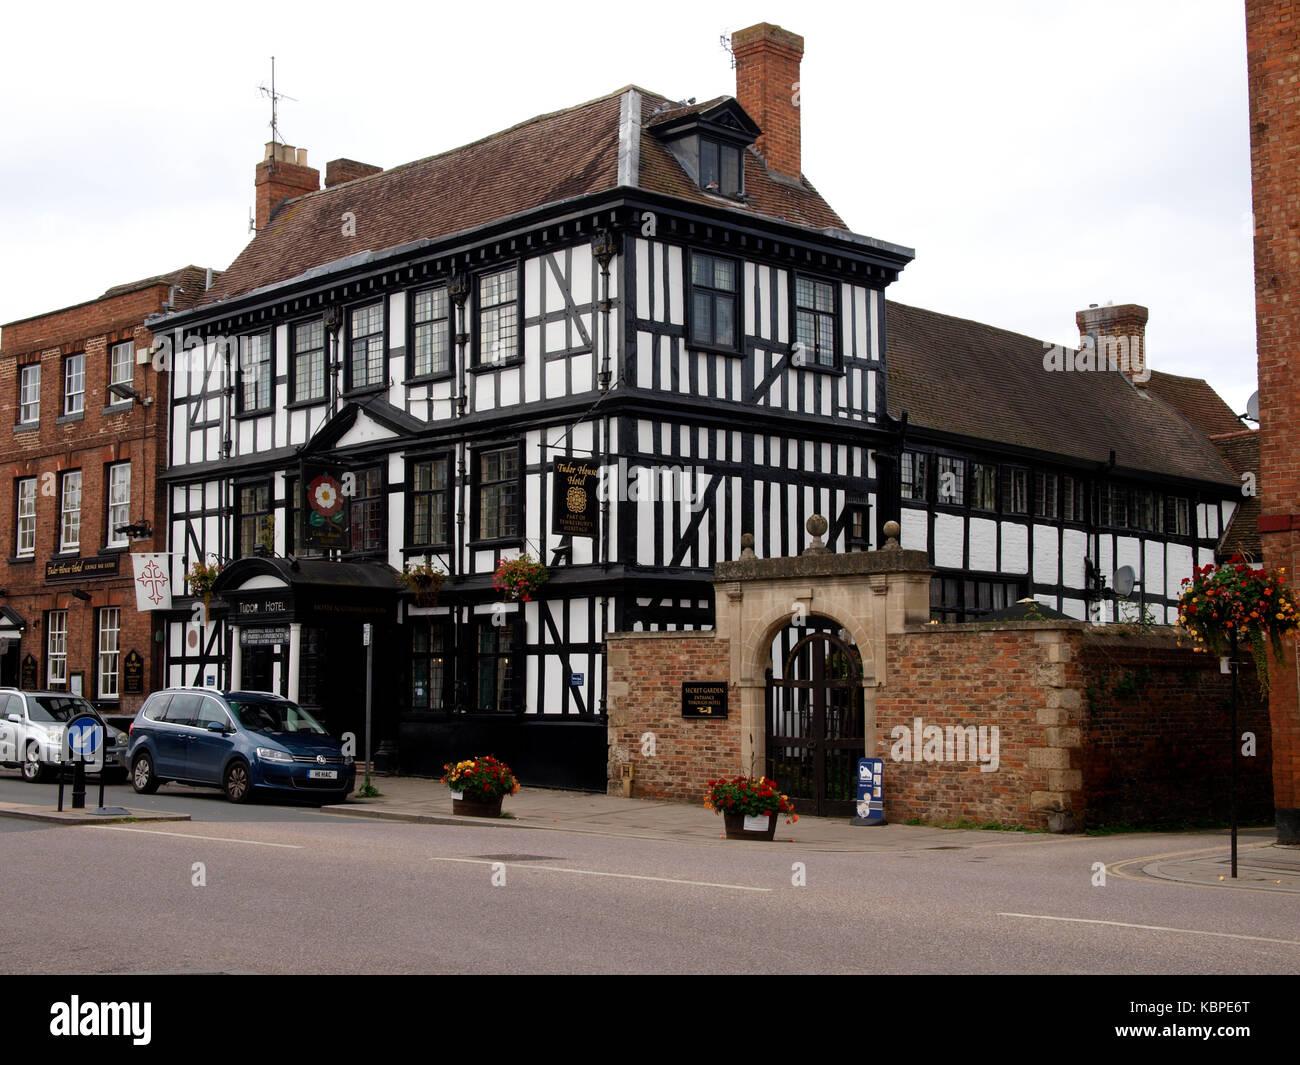 The Haunted 16th Century Tudor House Hotel, Tewkesbury, Gloucestershire, UK - Stock Image